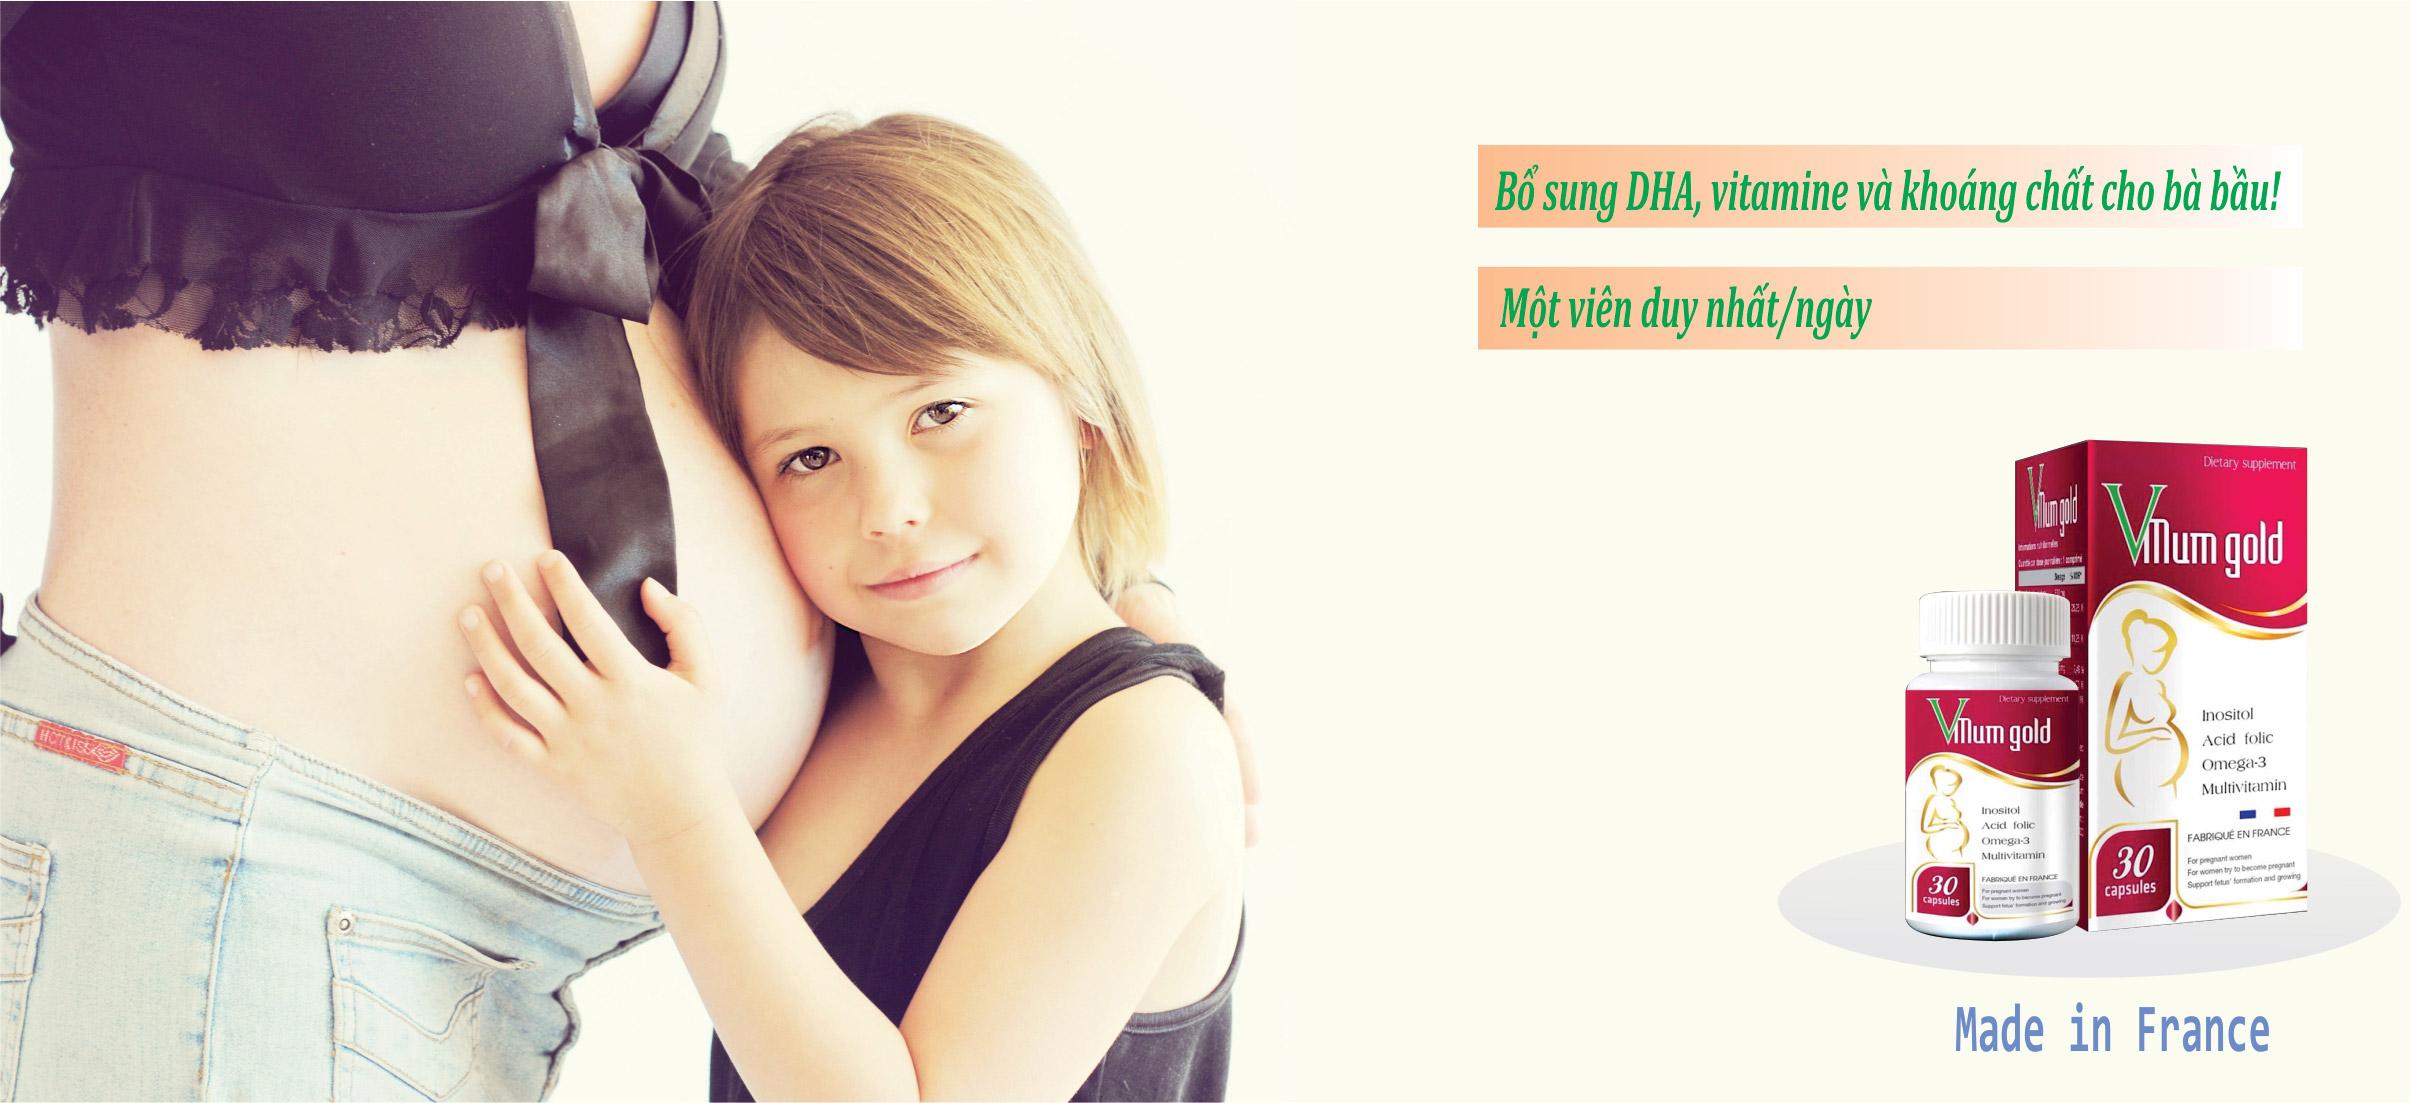 http://www.rosix.com.vn/tpbvsk-vmumgold-bo-ba-bau-phap